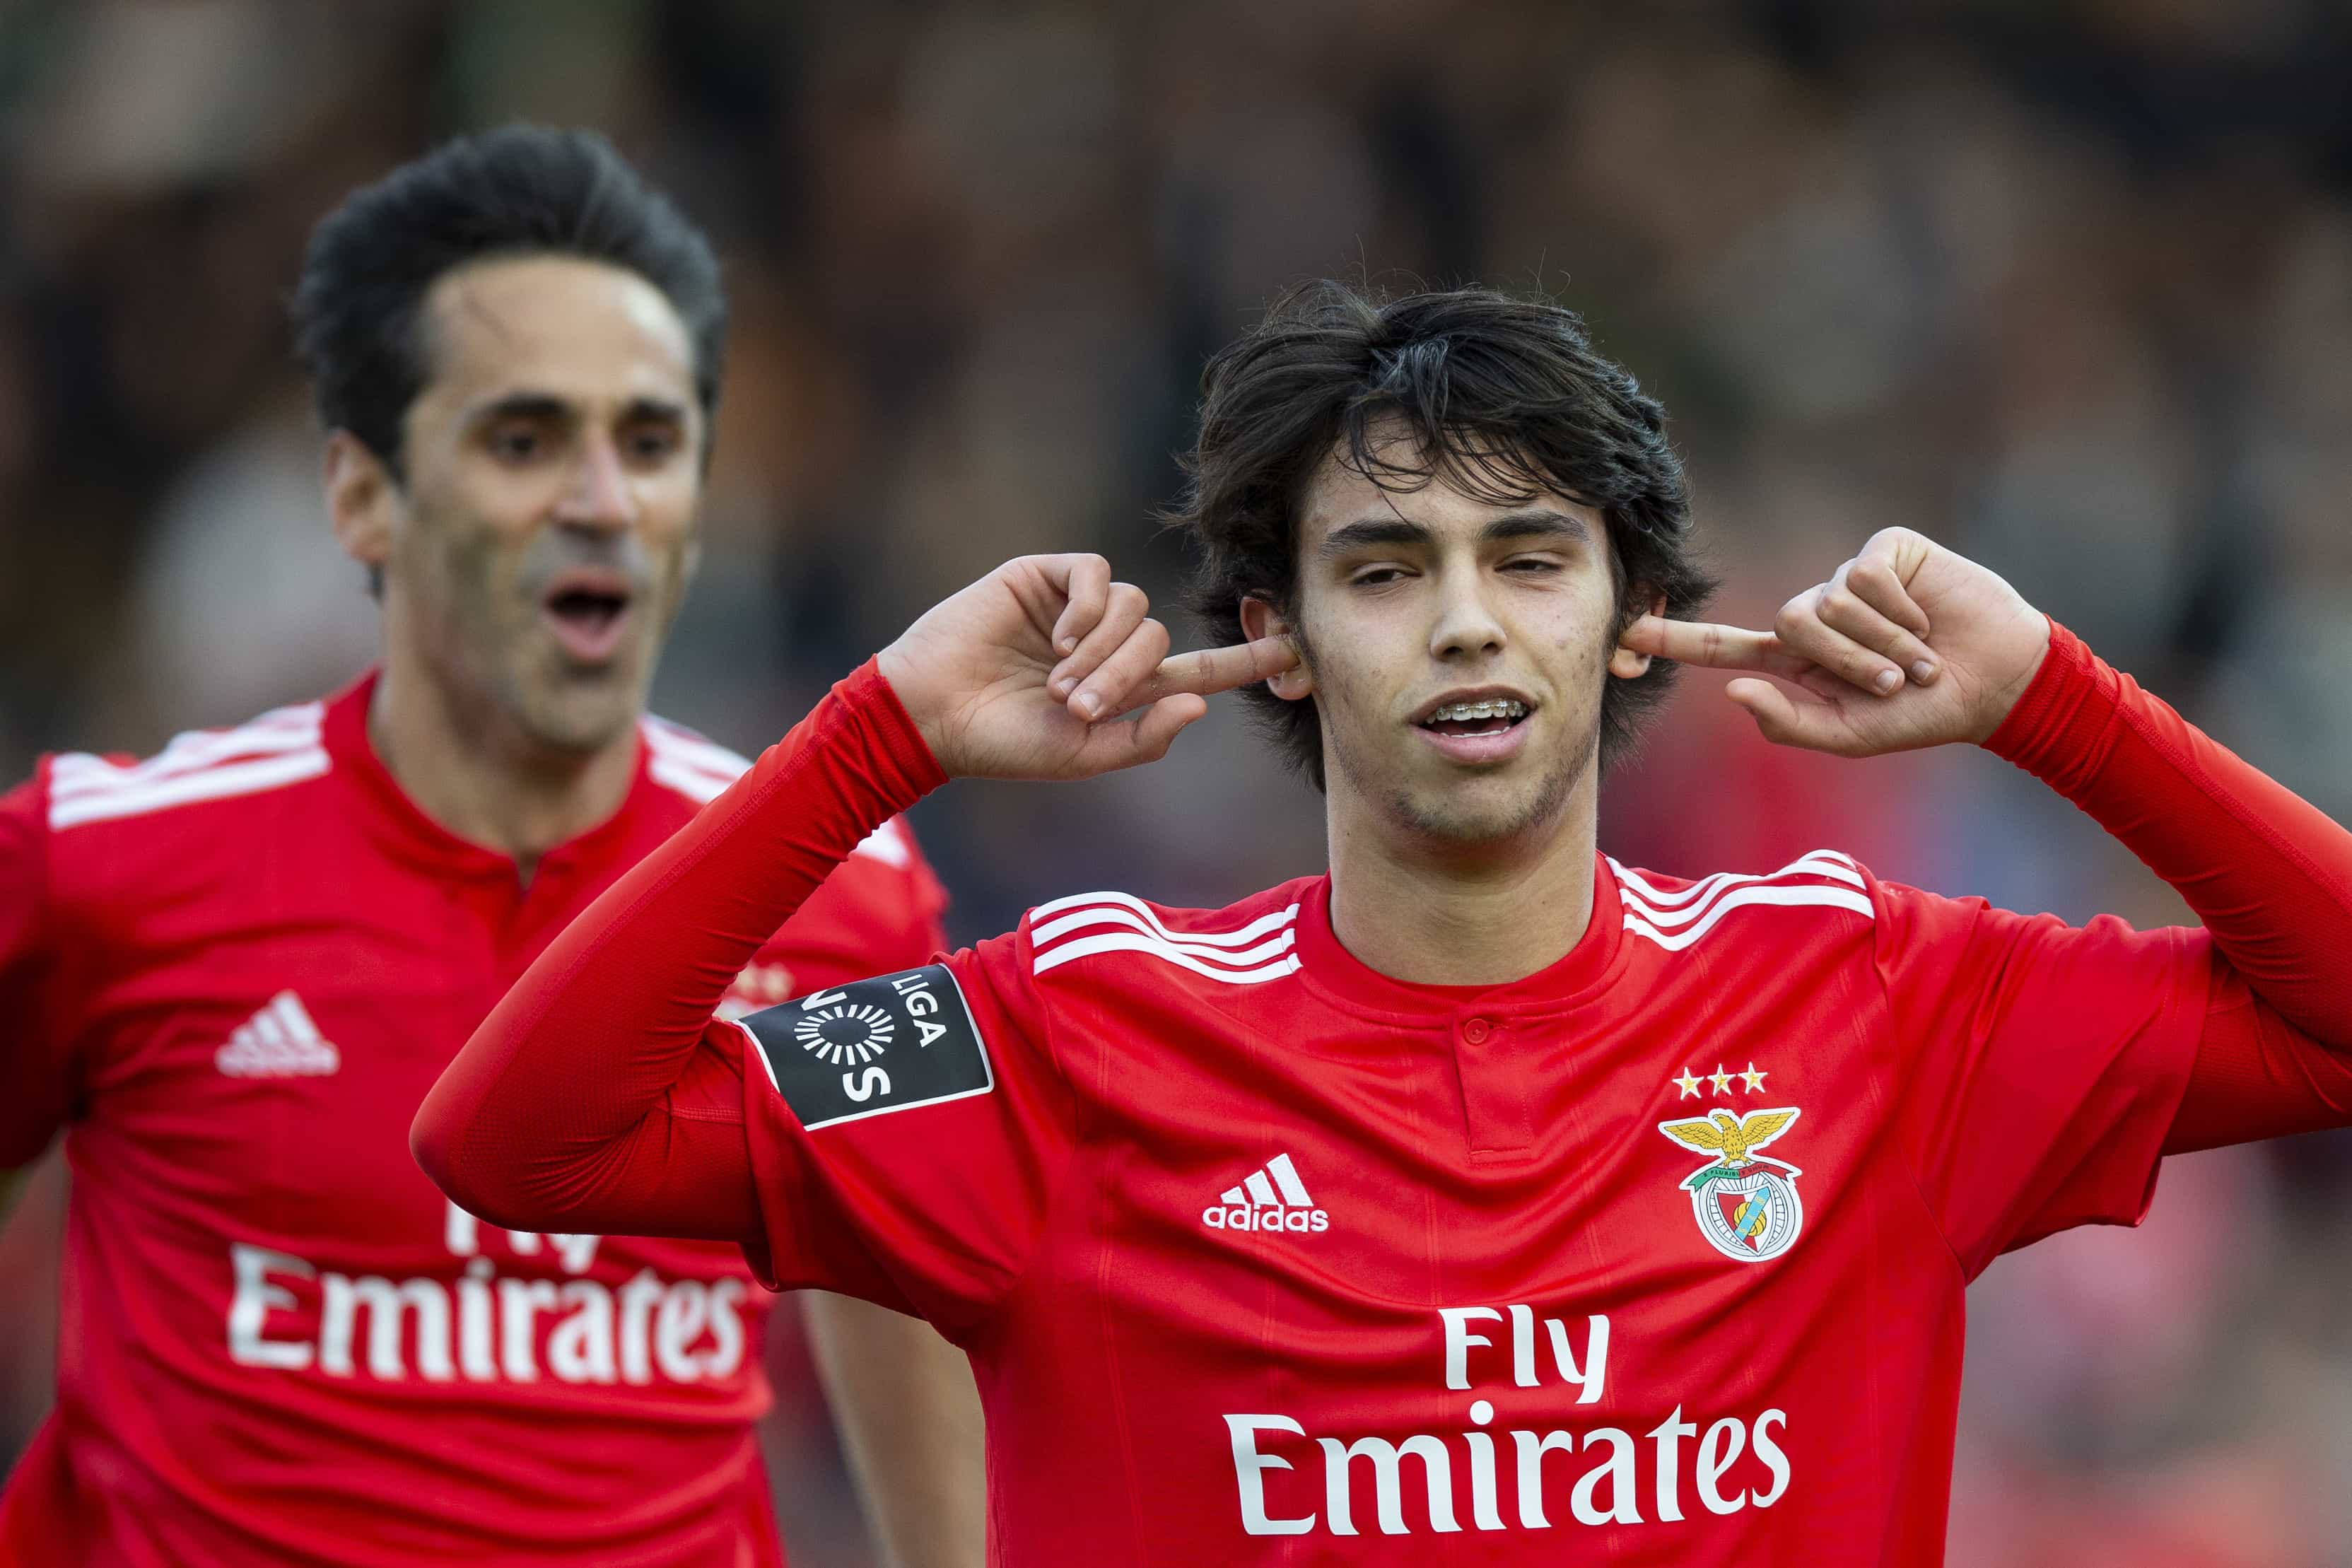 Os 10 jogadores mais perto do Real Madrid segundo... as casas de apostas